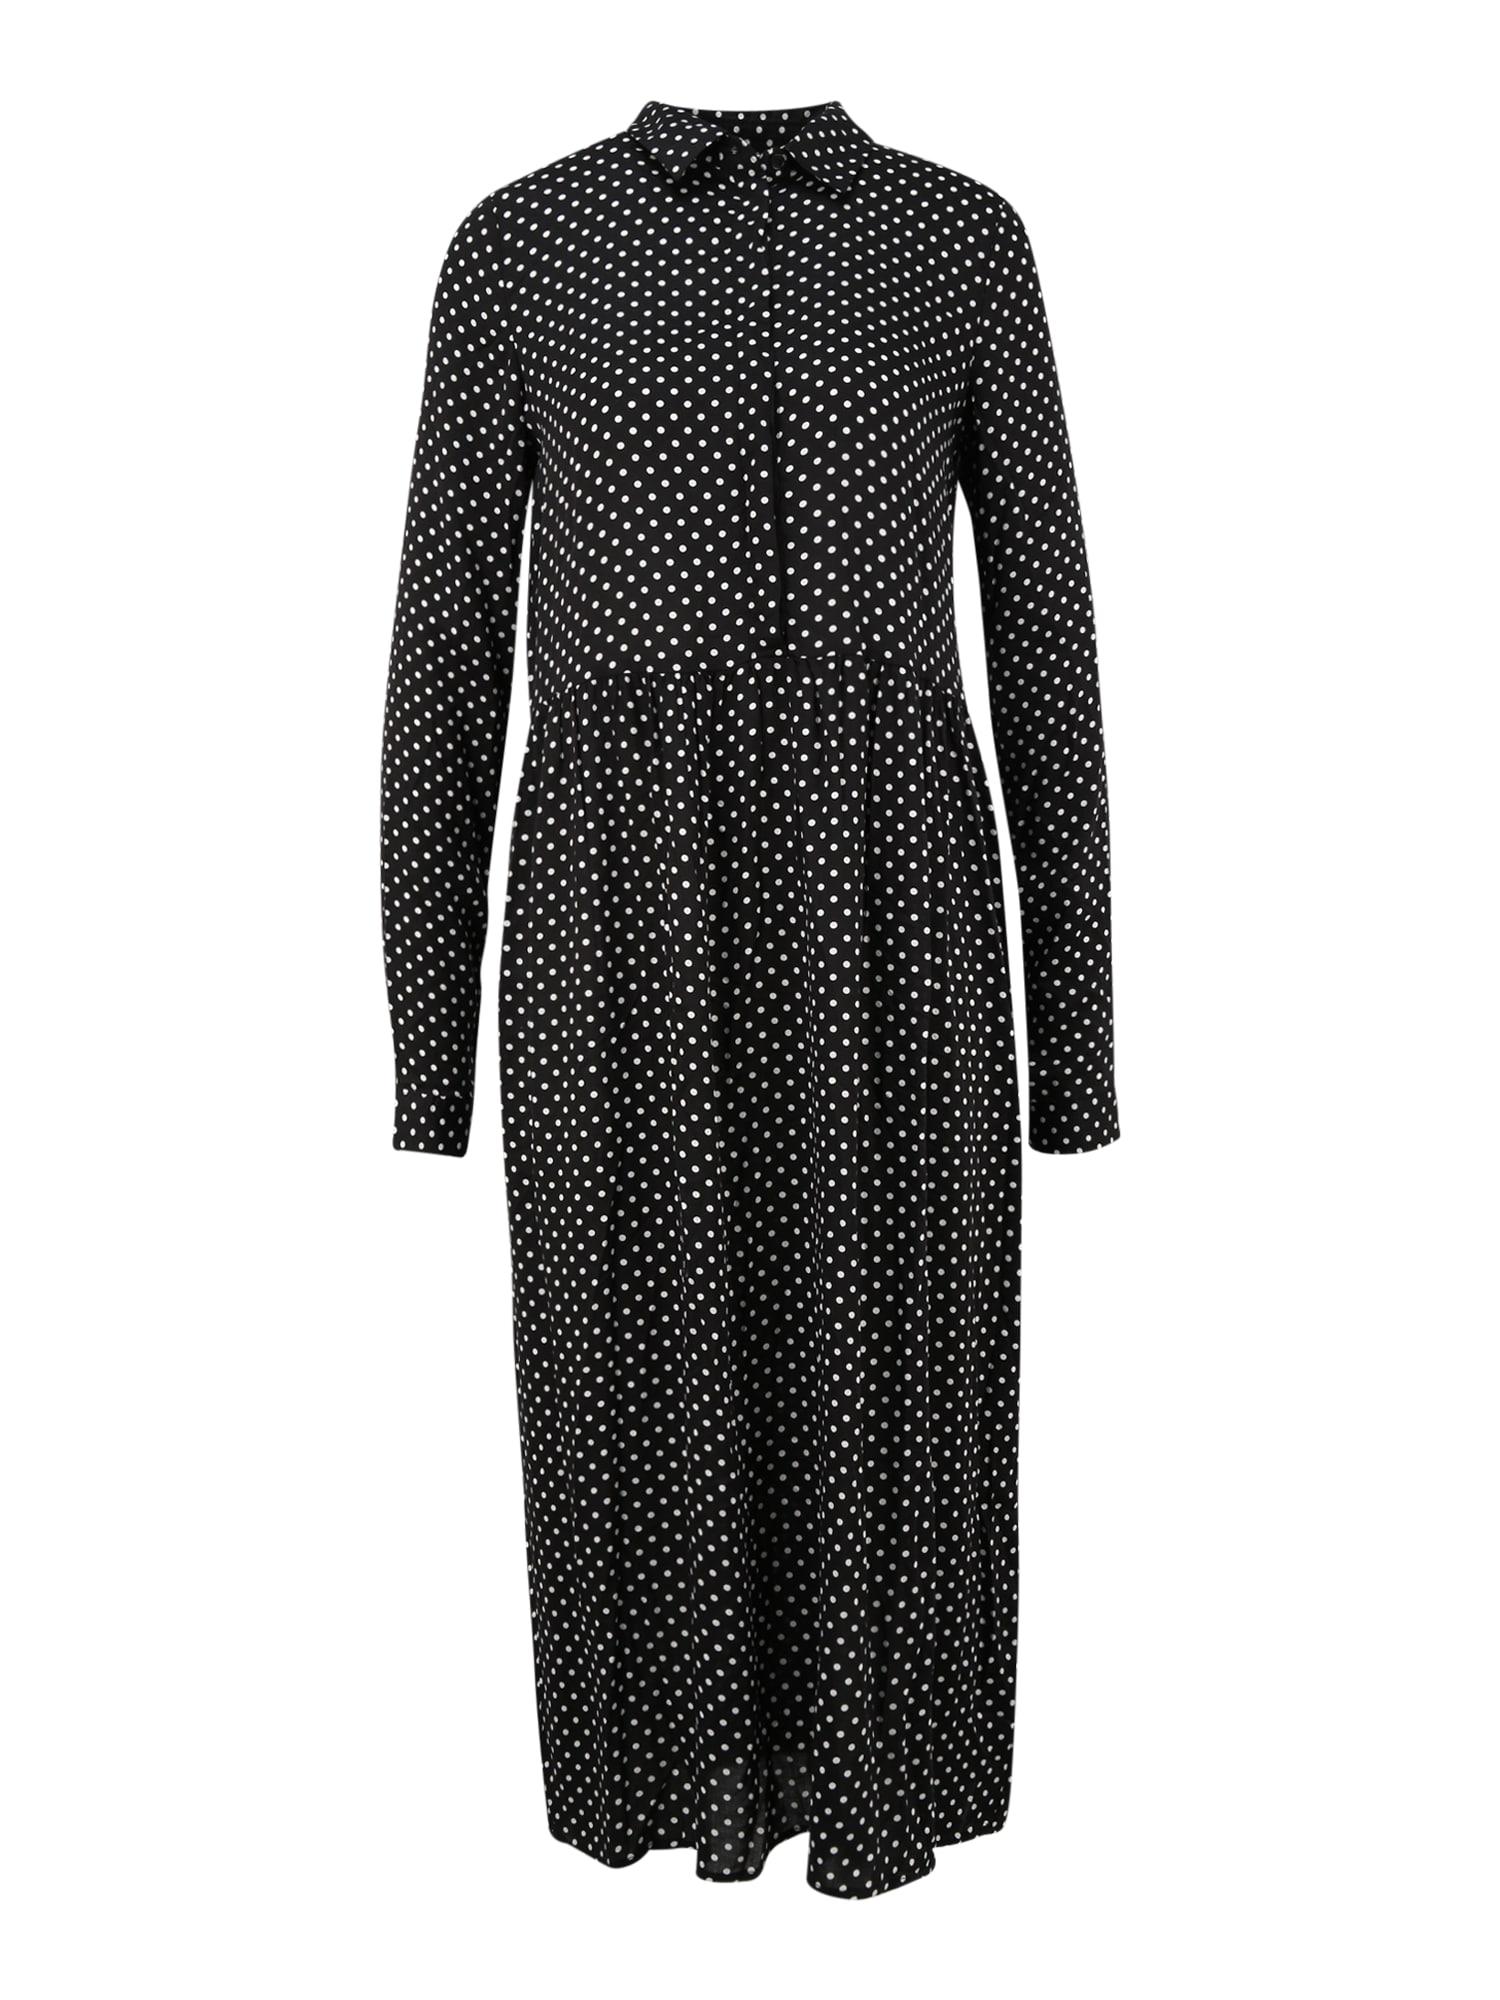 Vero Moda Tall Palaidinės tipo suknelė juoda / balta